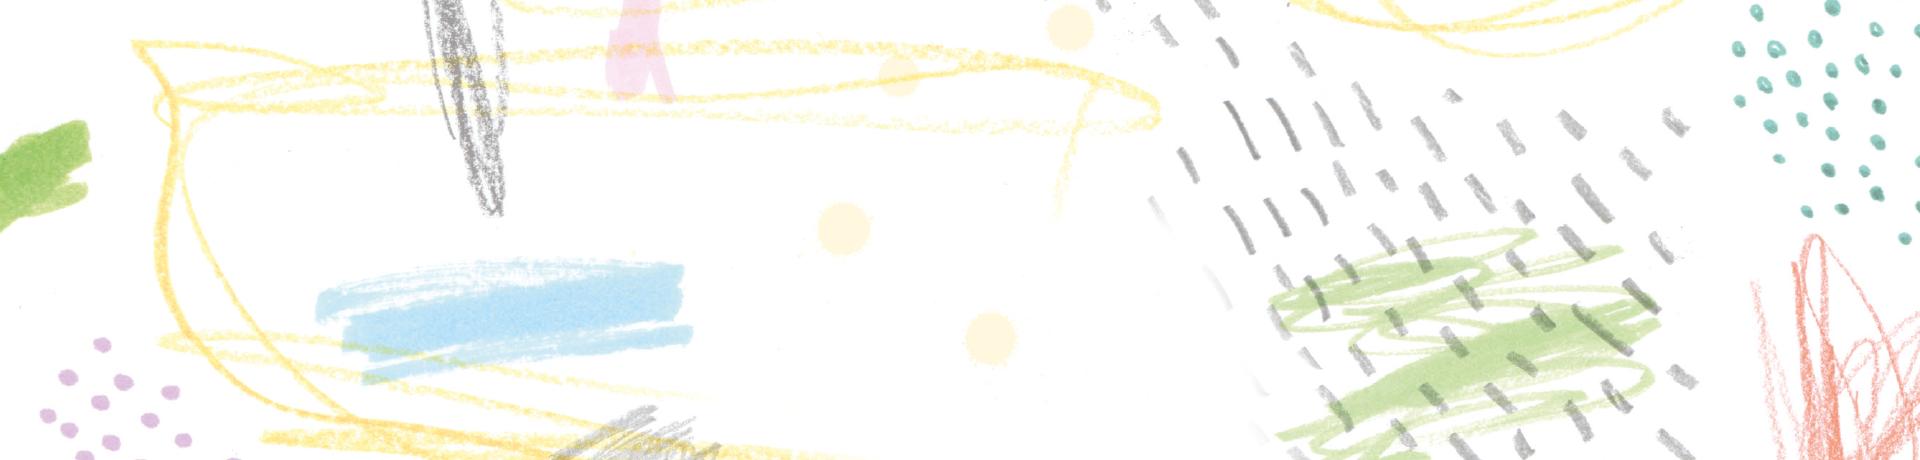 banniere-les-enfants-a-colorier_1980X460